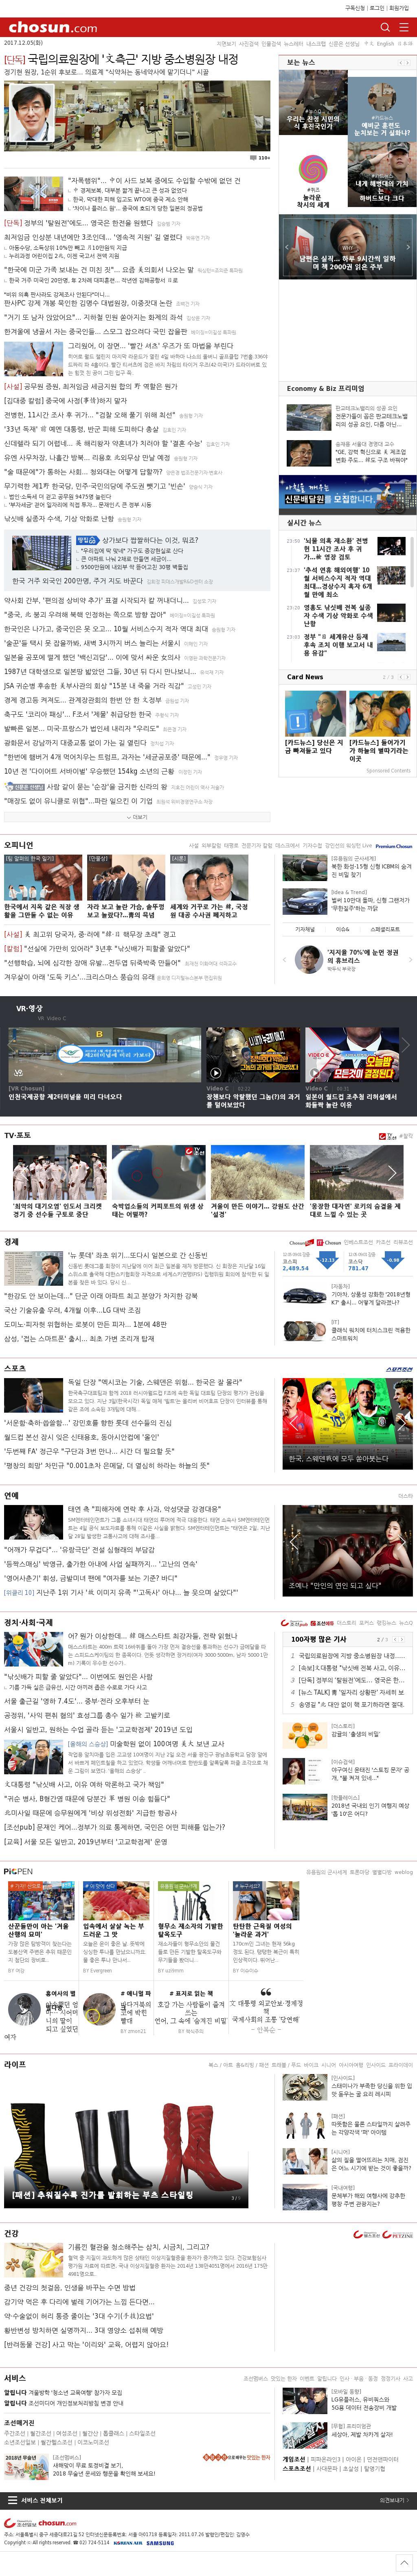 chosun.com at Tuesday Dec. 5, 2017, 12:02 a.m. UTC